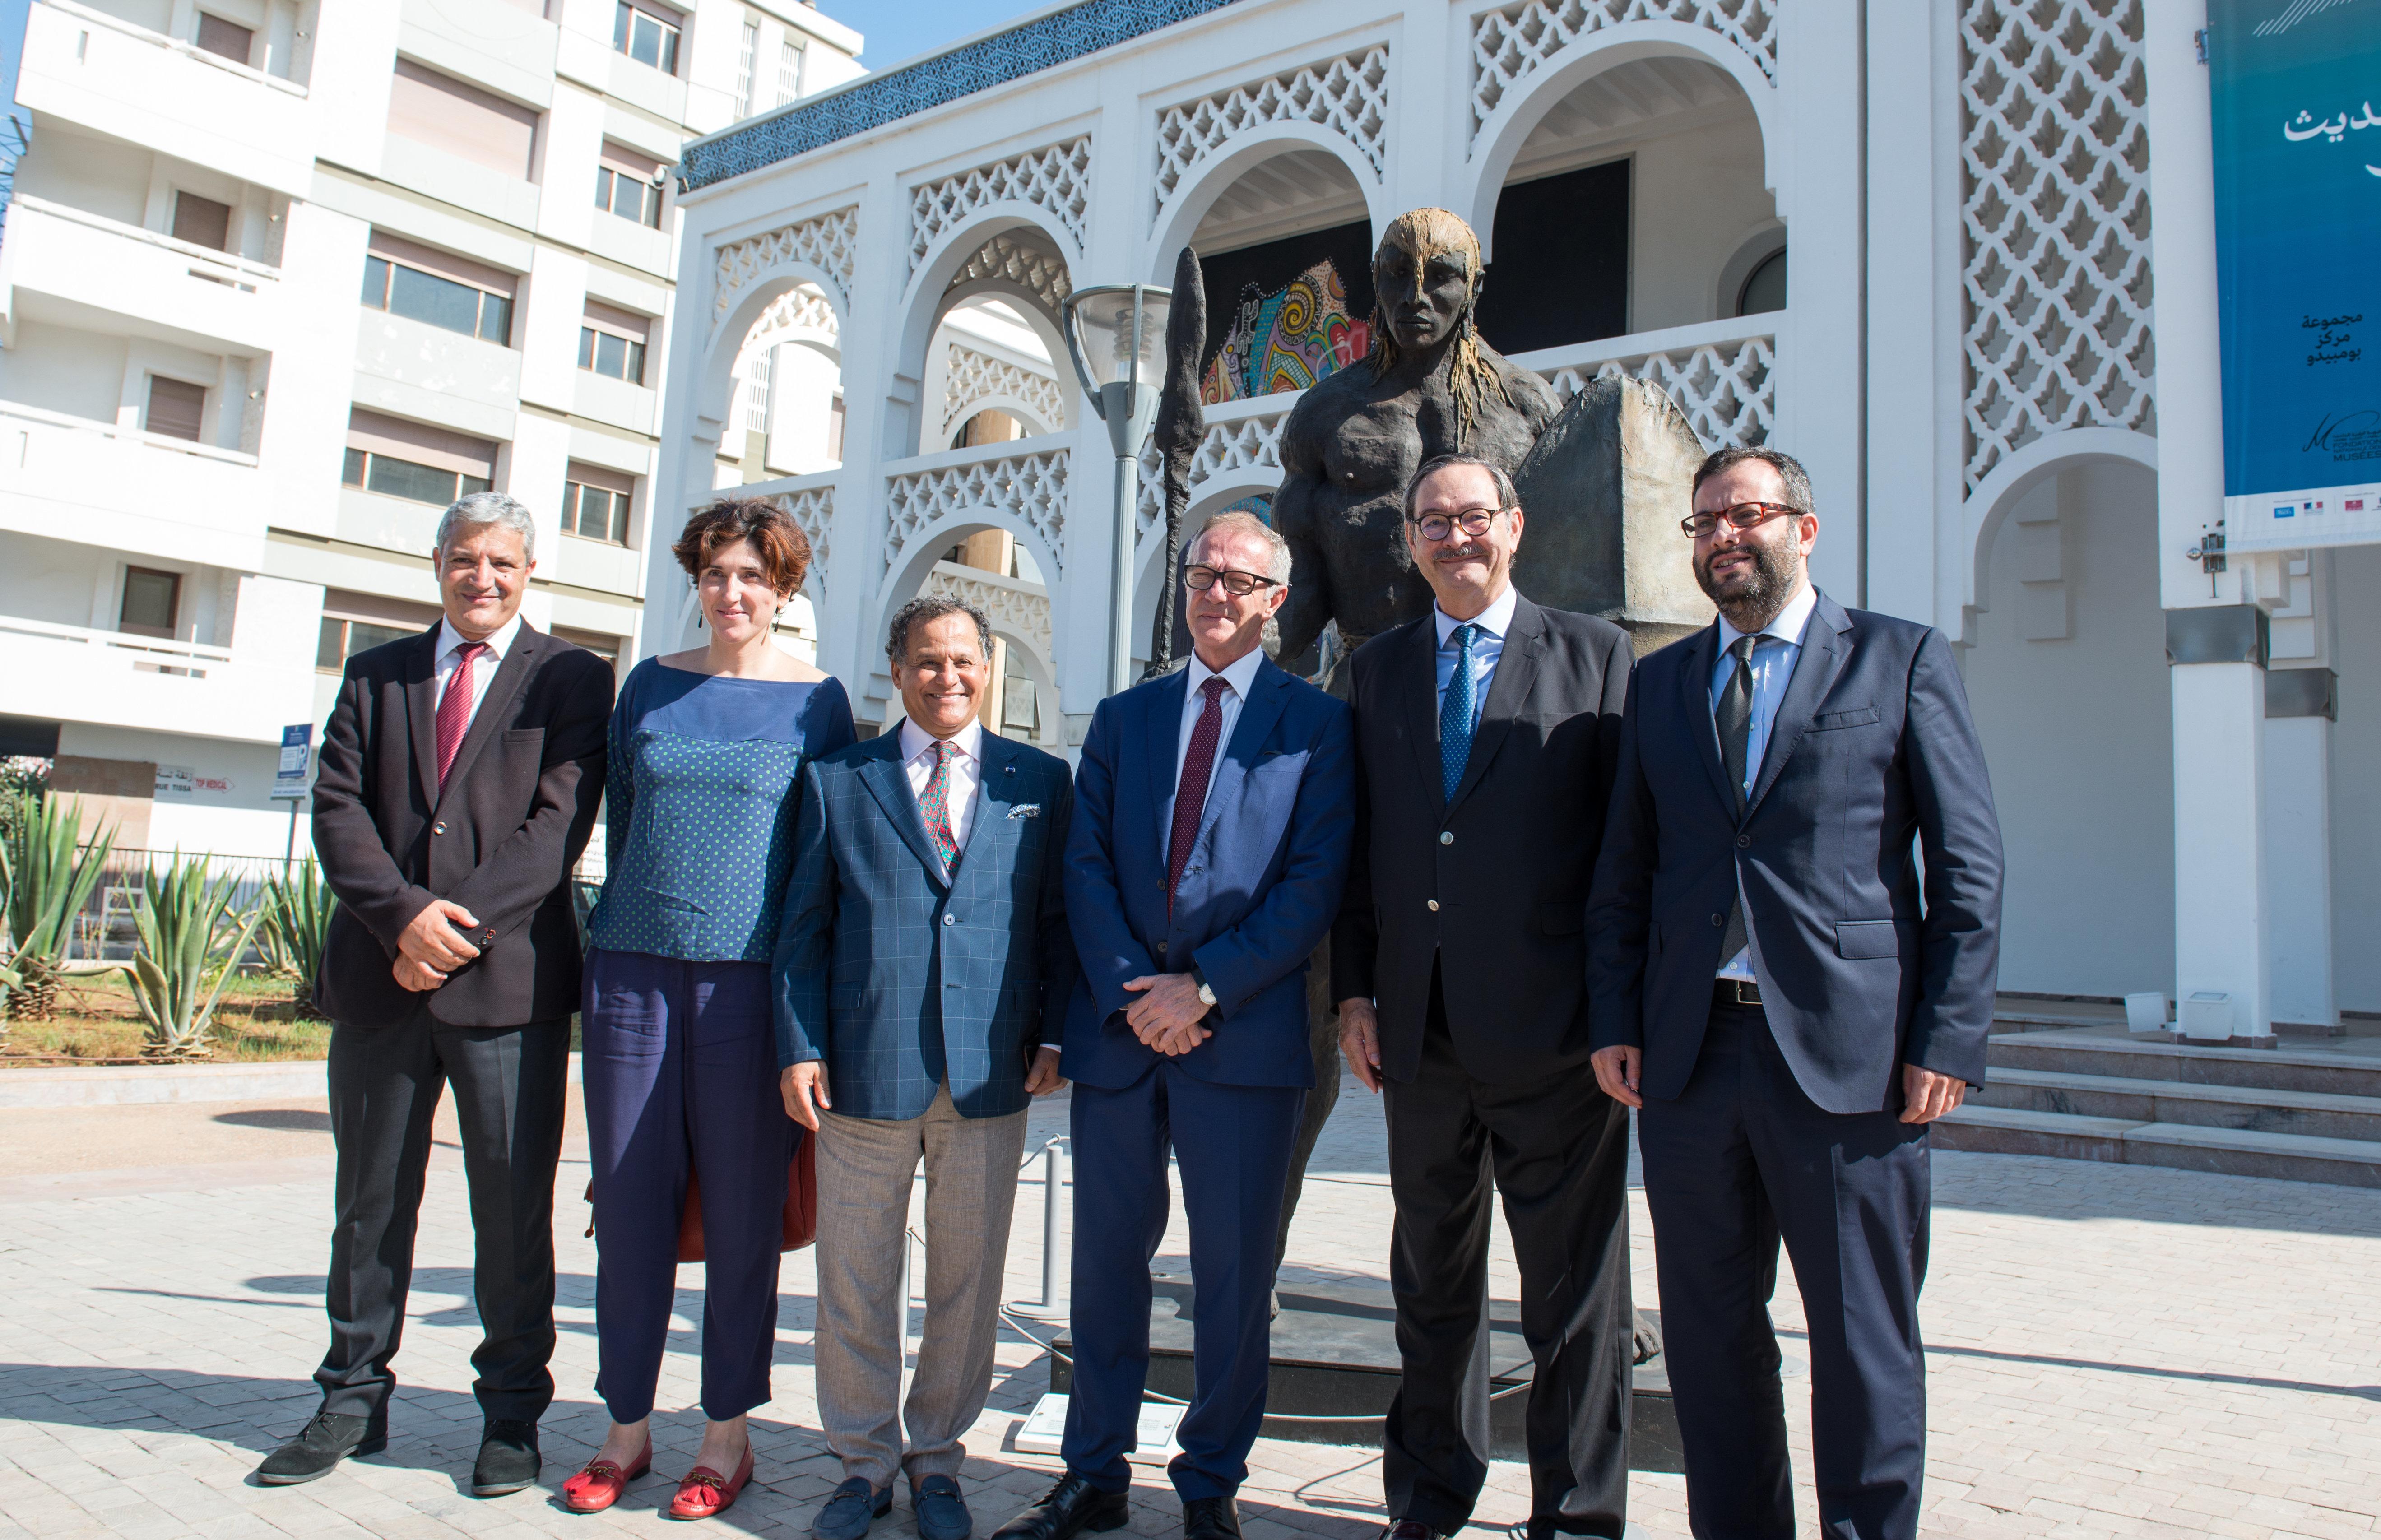 Le ministre espagnol de la culture et des sports au Maroc pour lancer plusieurs projets